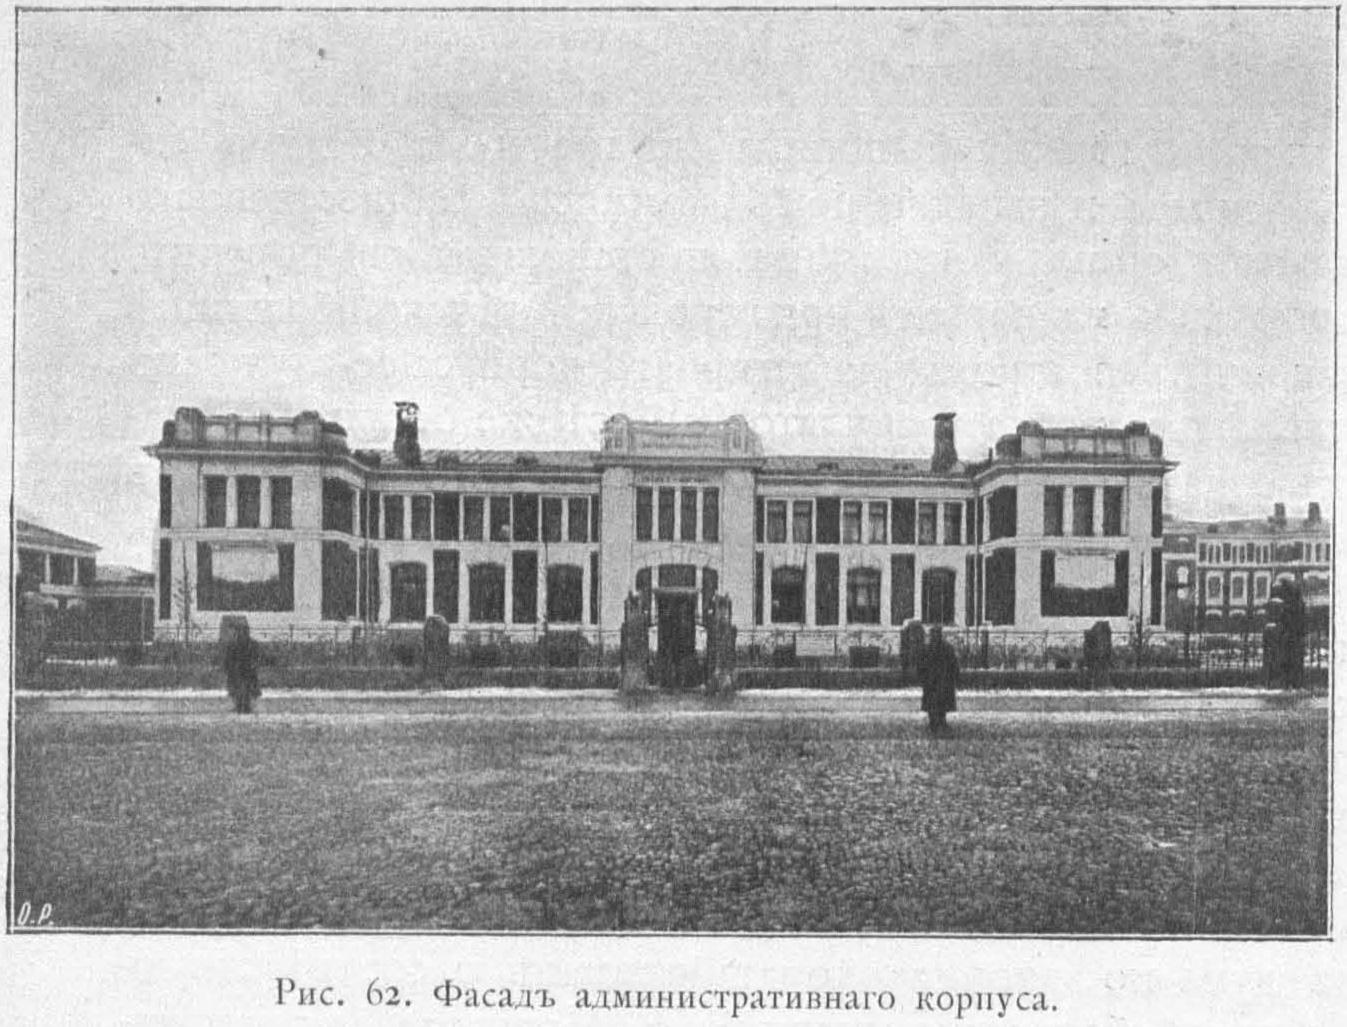 Амбулатория ( адм. корпус ) детской больницы им. В. Е. Морозова